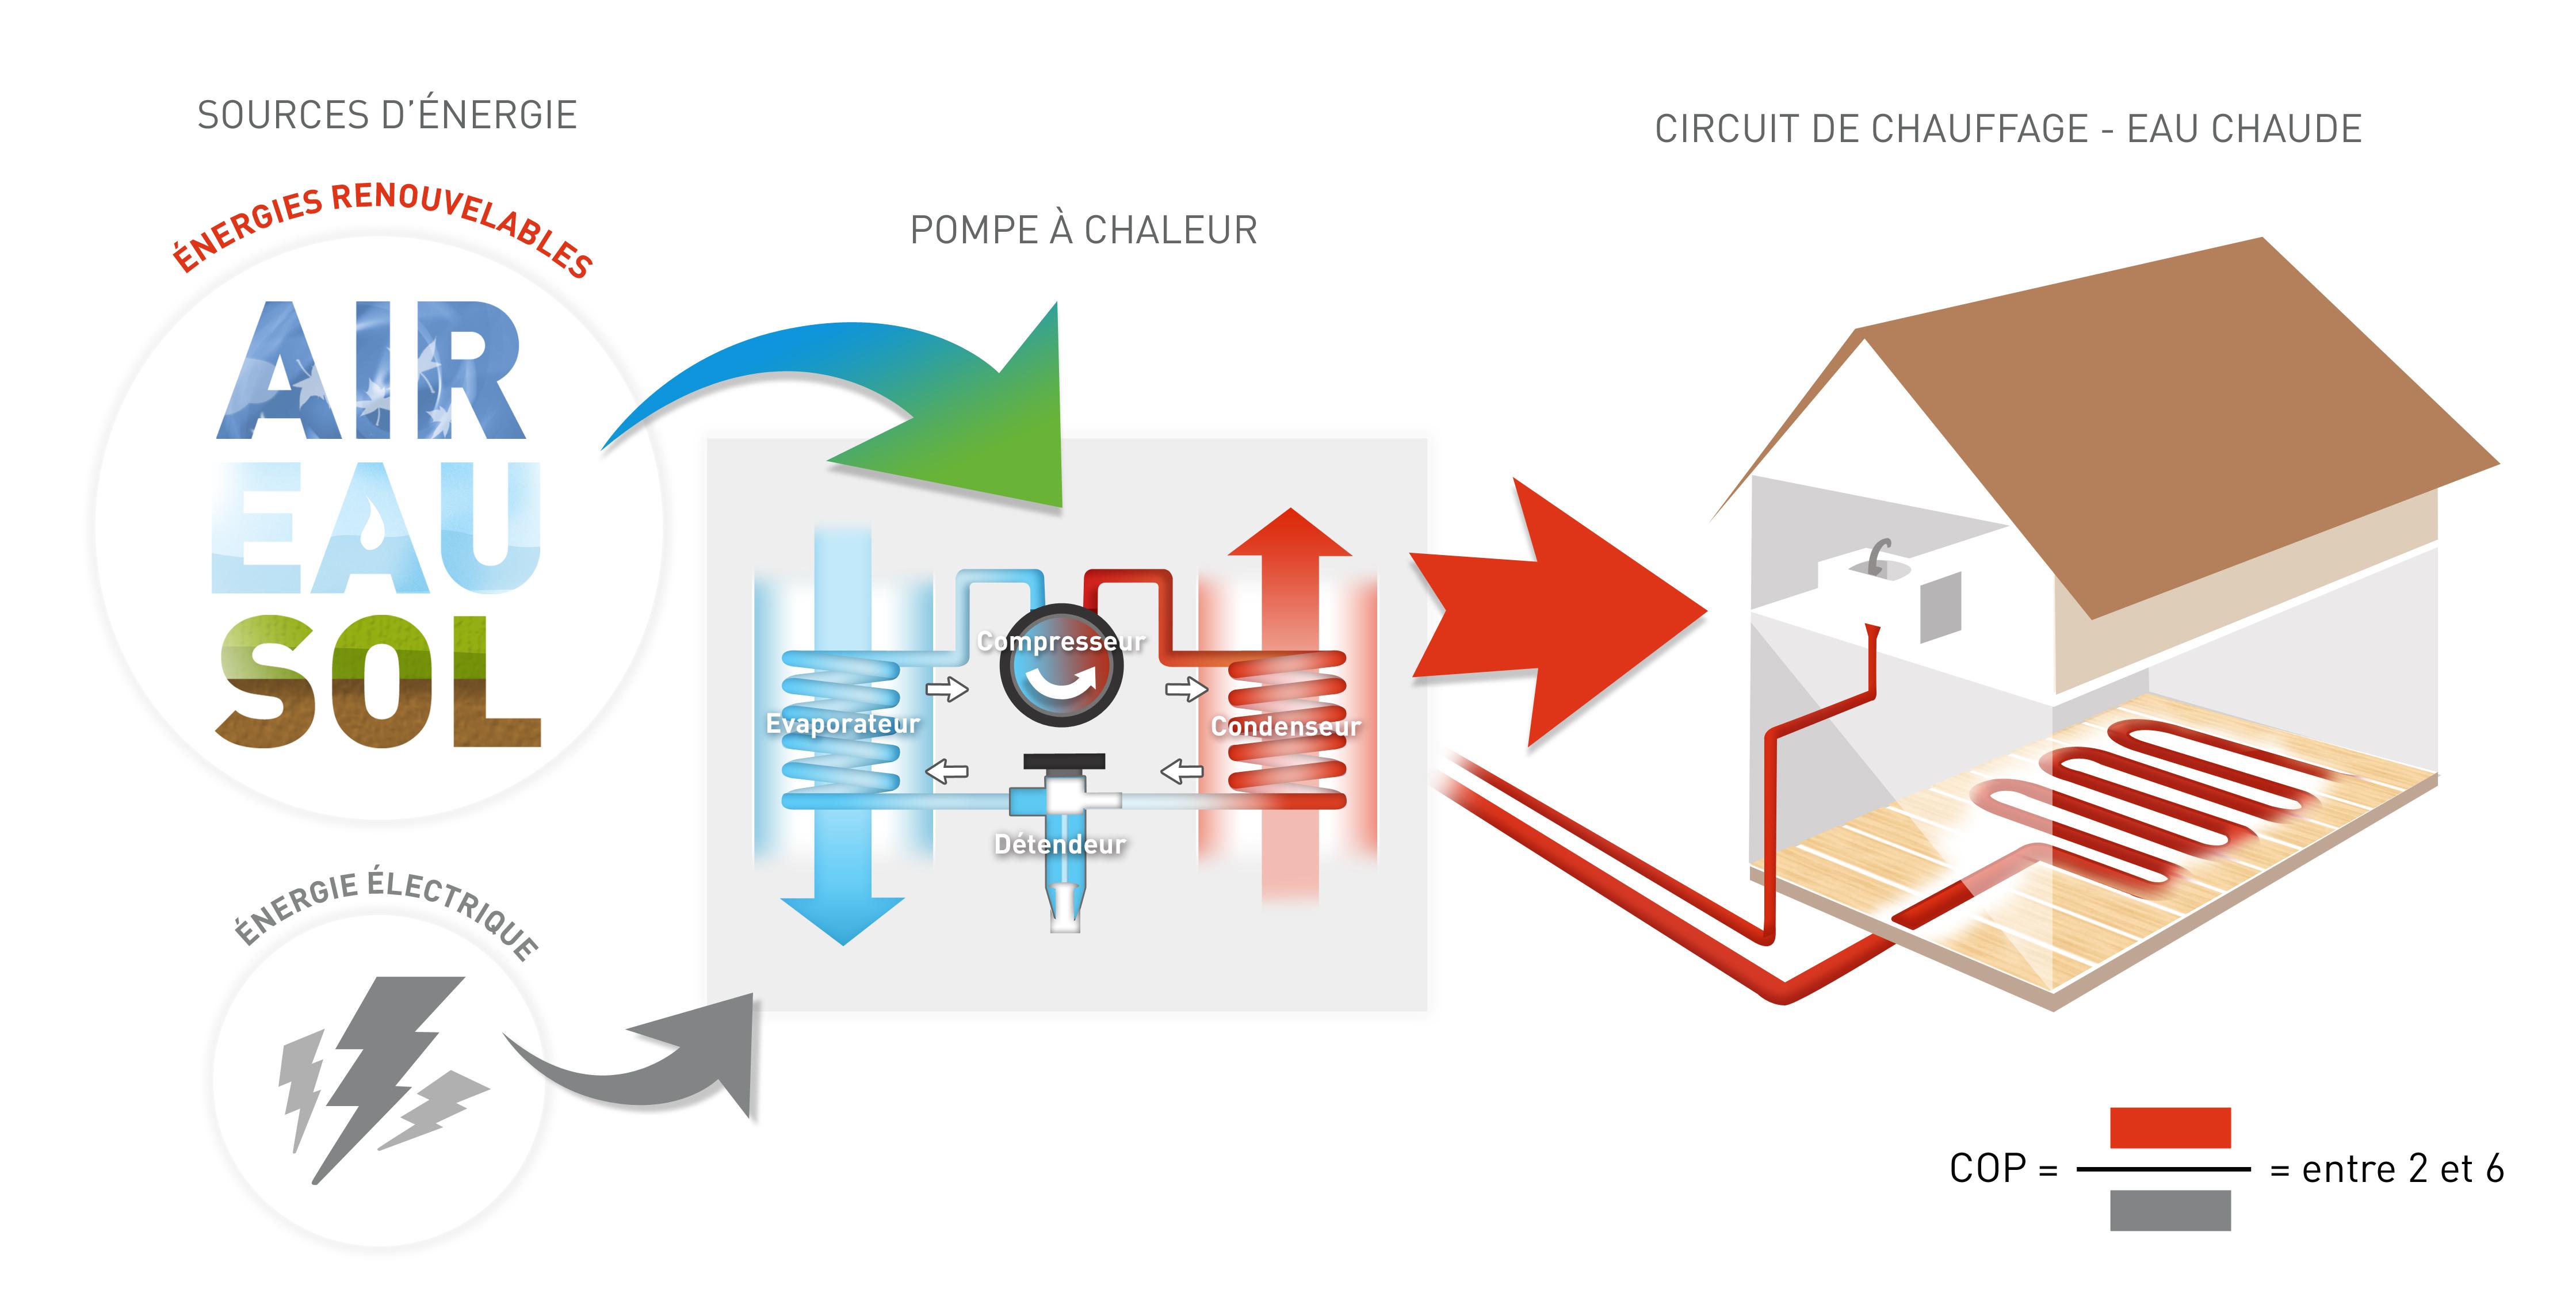 chauffage par pompe chaleur asder association savoyarde pour le d veloppement des nergies. Black Bedroom Furniture Sets. Home Design Ideas